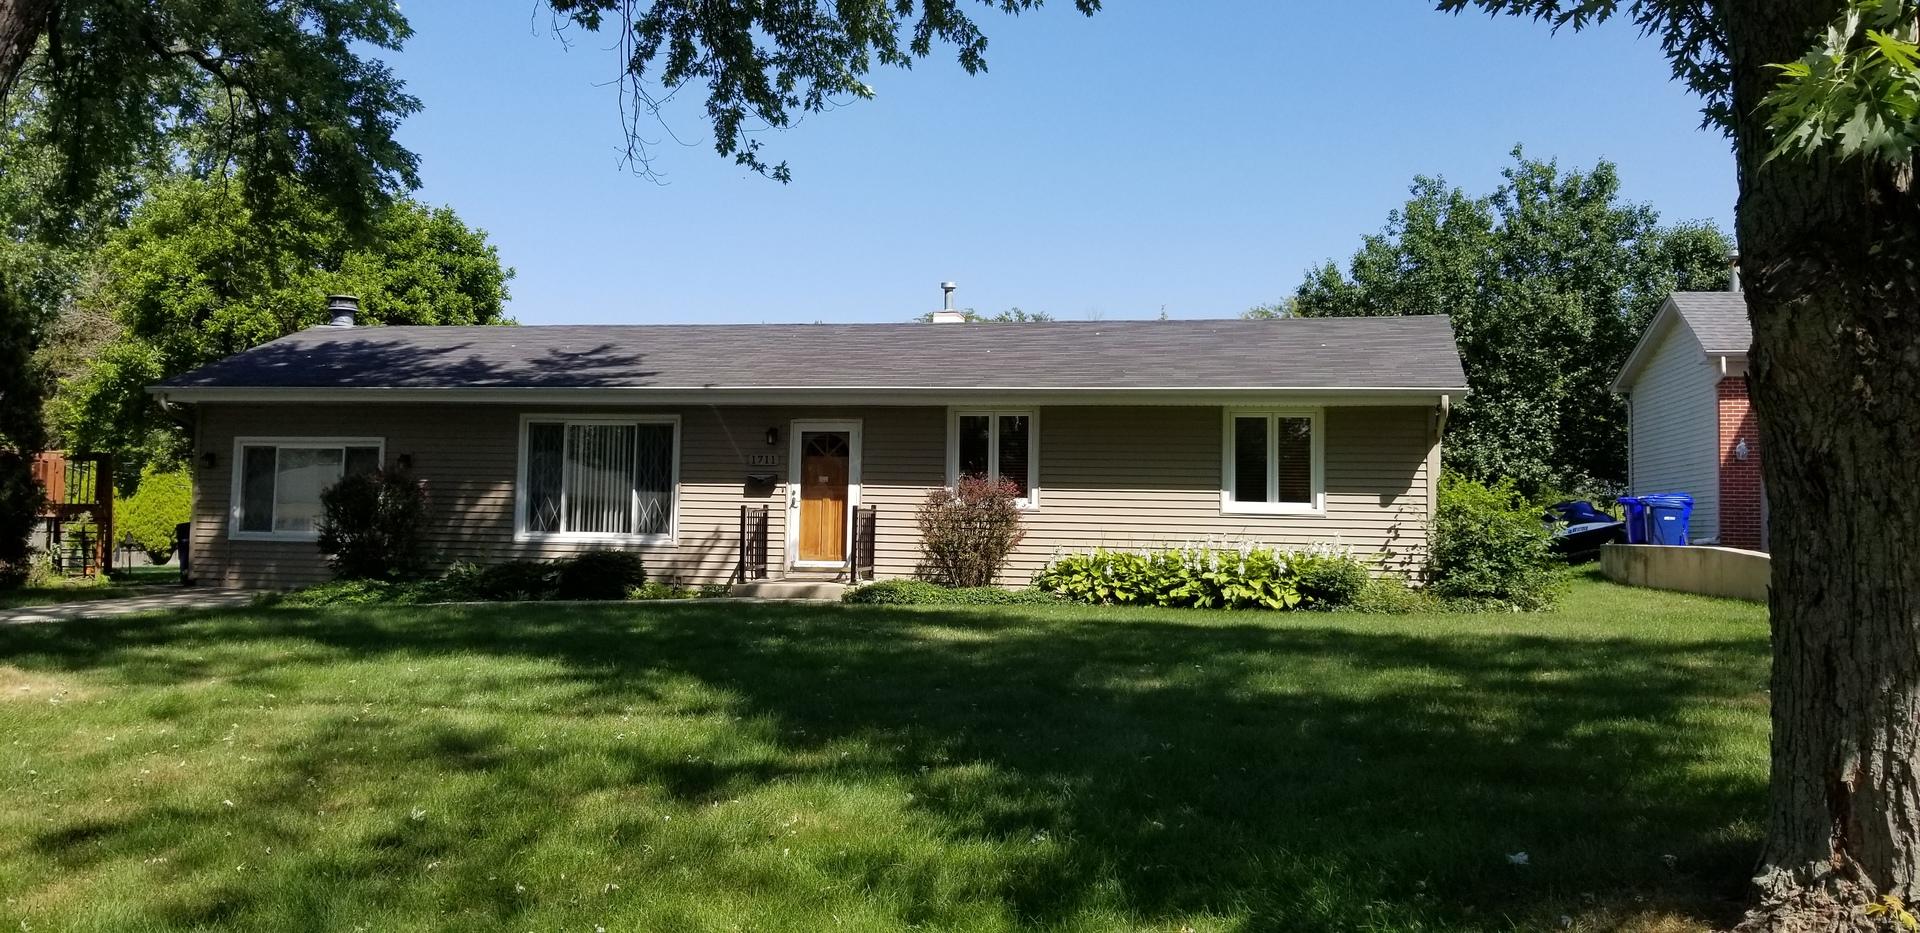 1711-Howard-Court---WHEATON-Illinois-60187